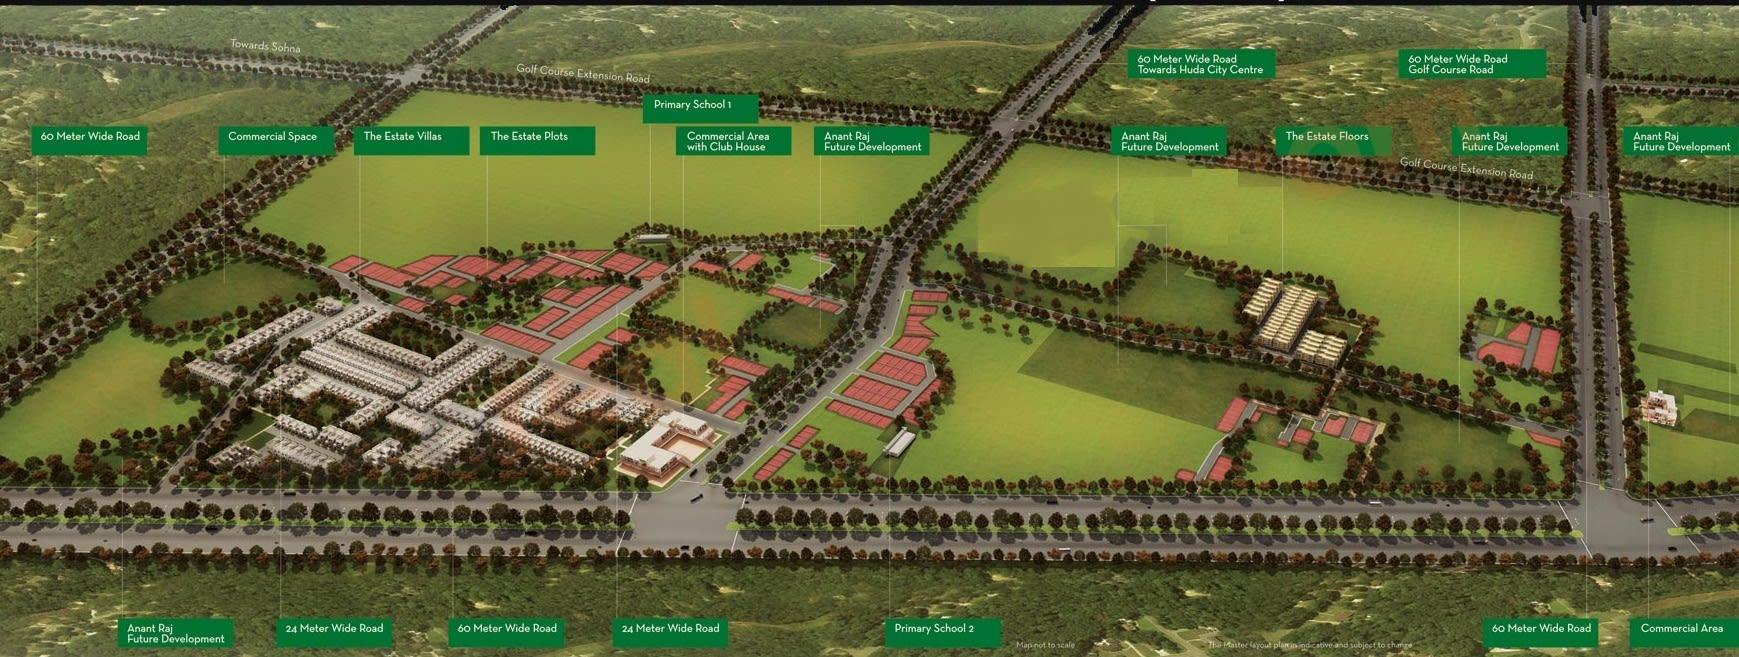 a2f43802ce_anant-raj-estate-master-plan